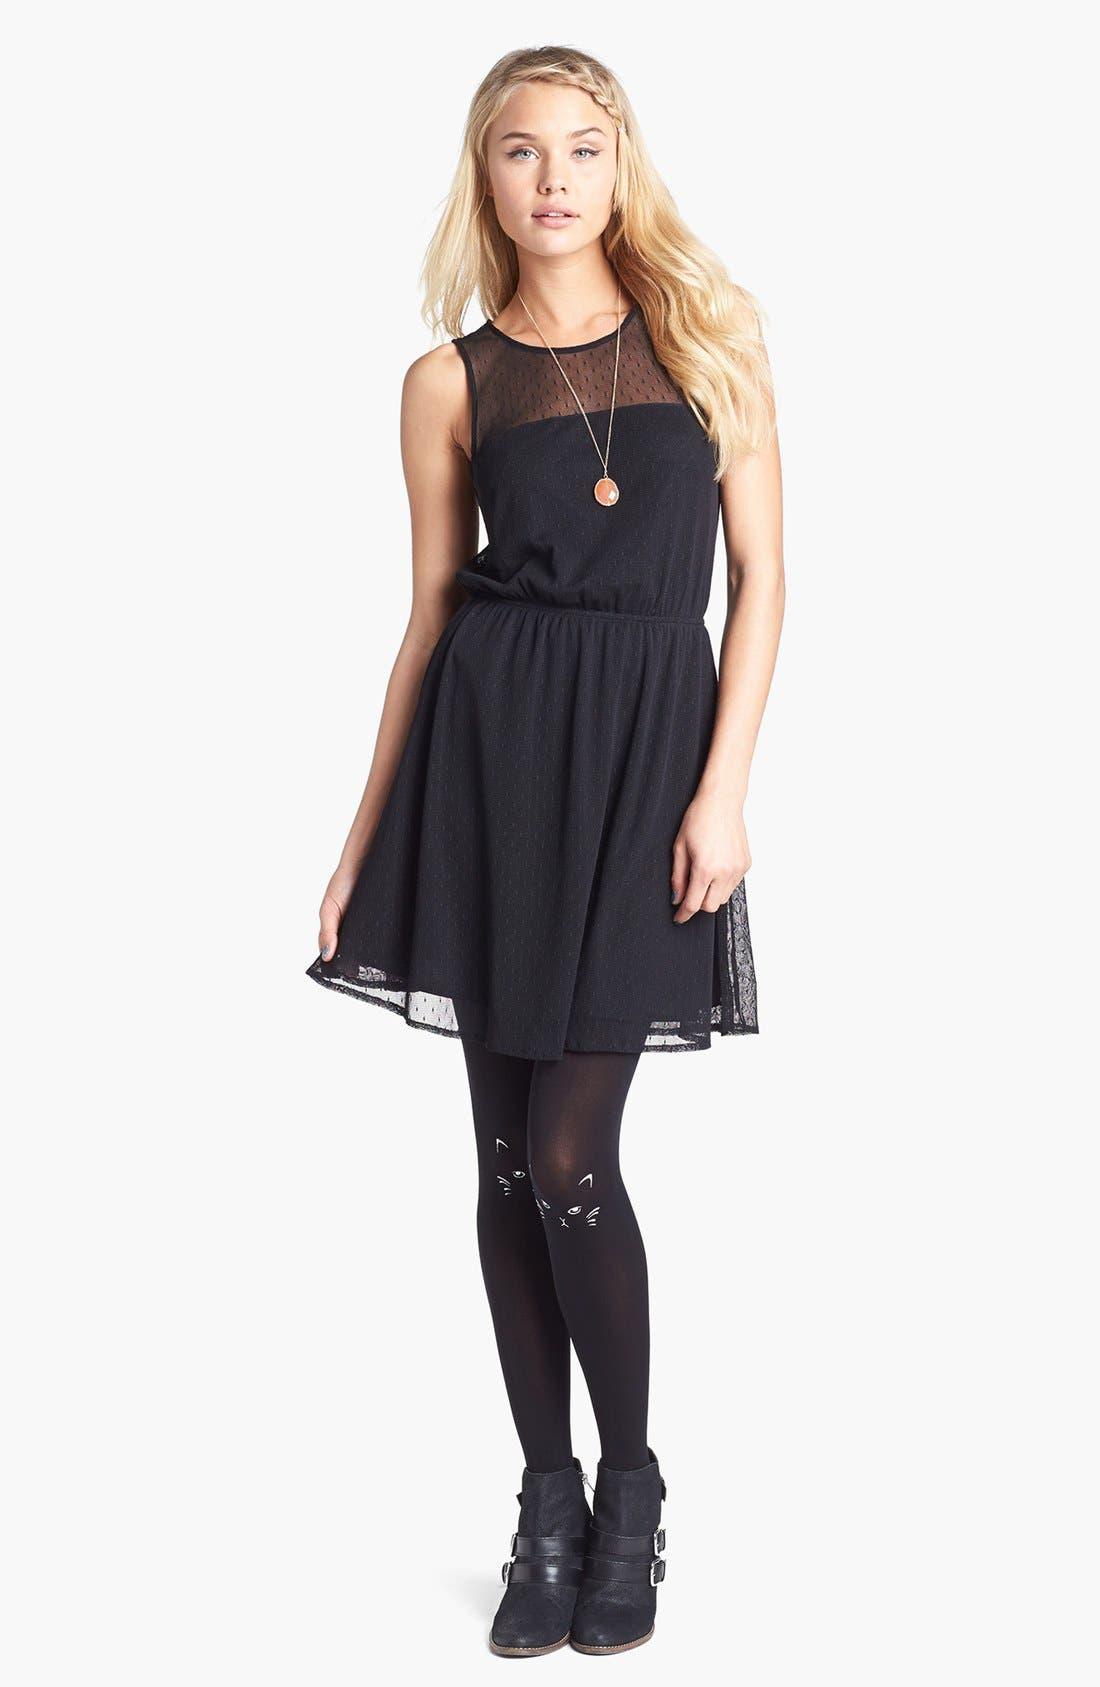 Alternate Image 1 Selected - Frenchi® Sheer Back Swiss Dot Skater Dress (Juniors)